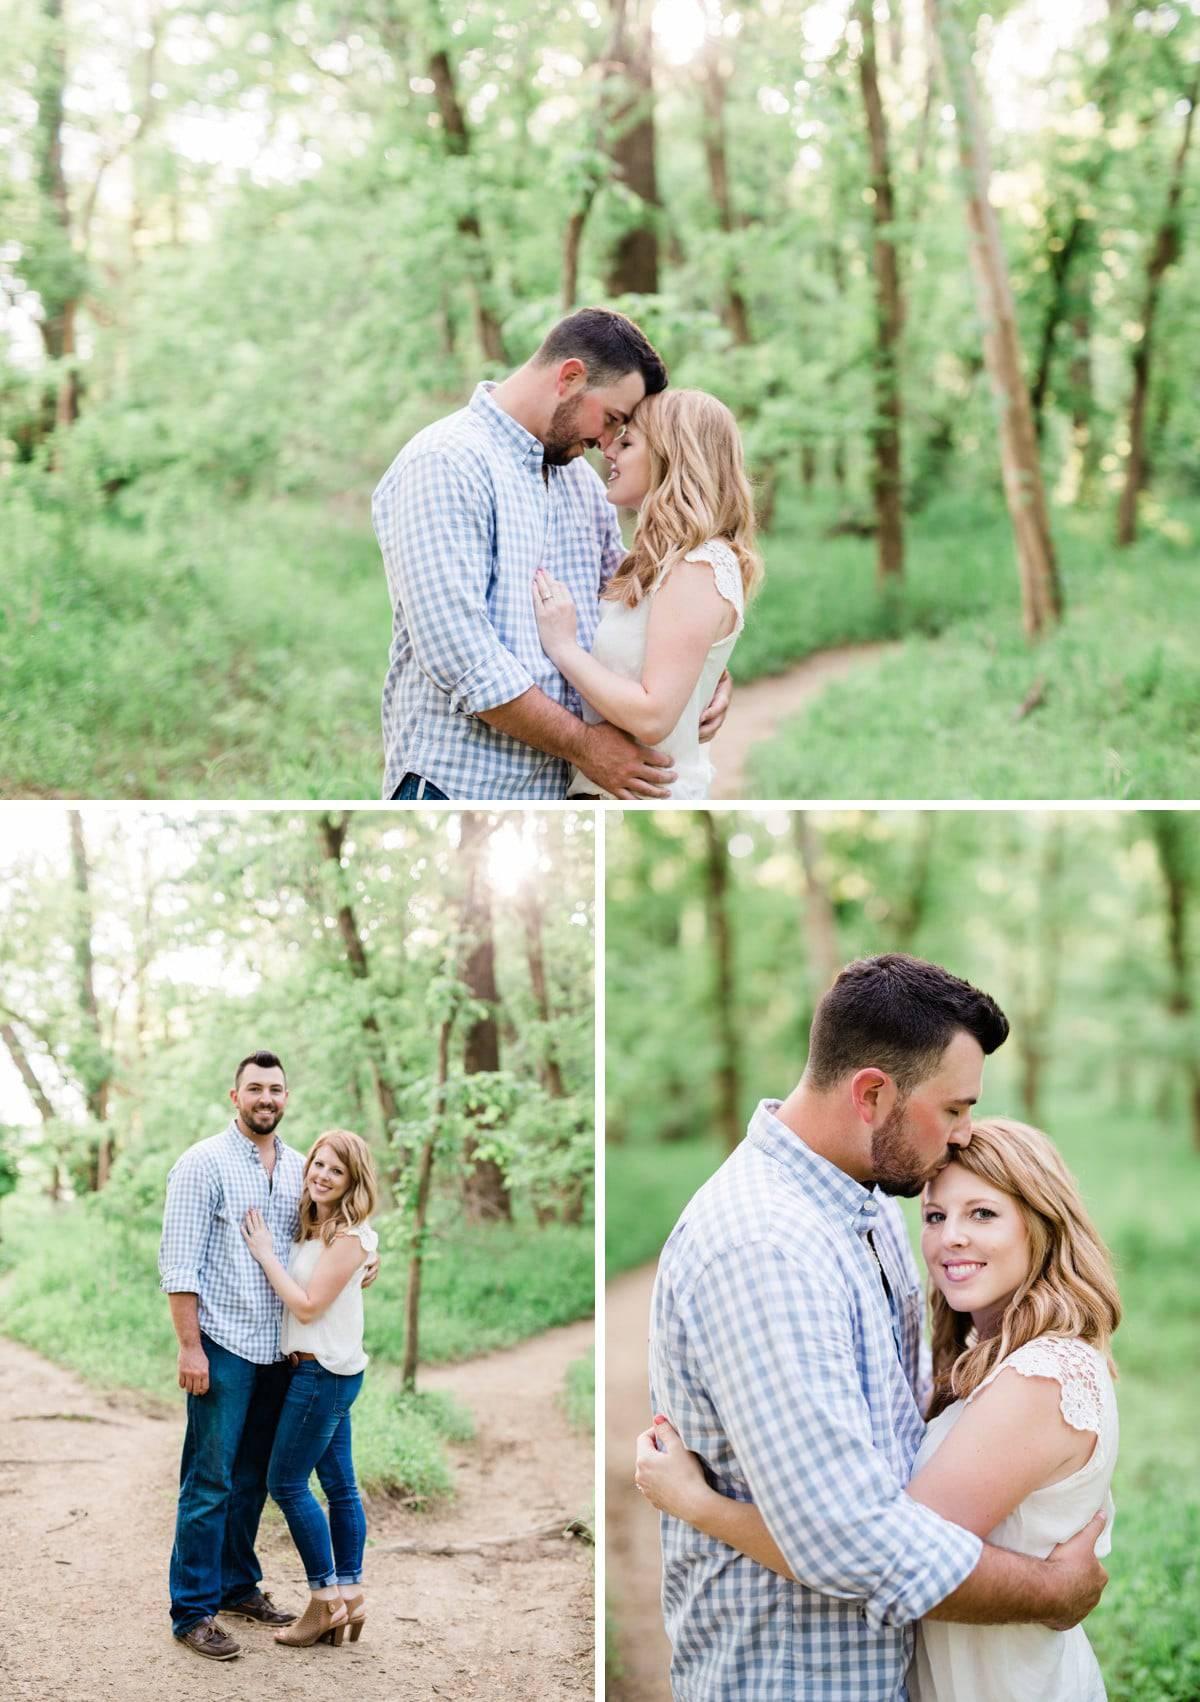 Castlewood Engagement Photographer St. Louis